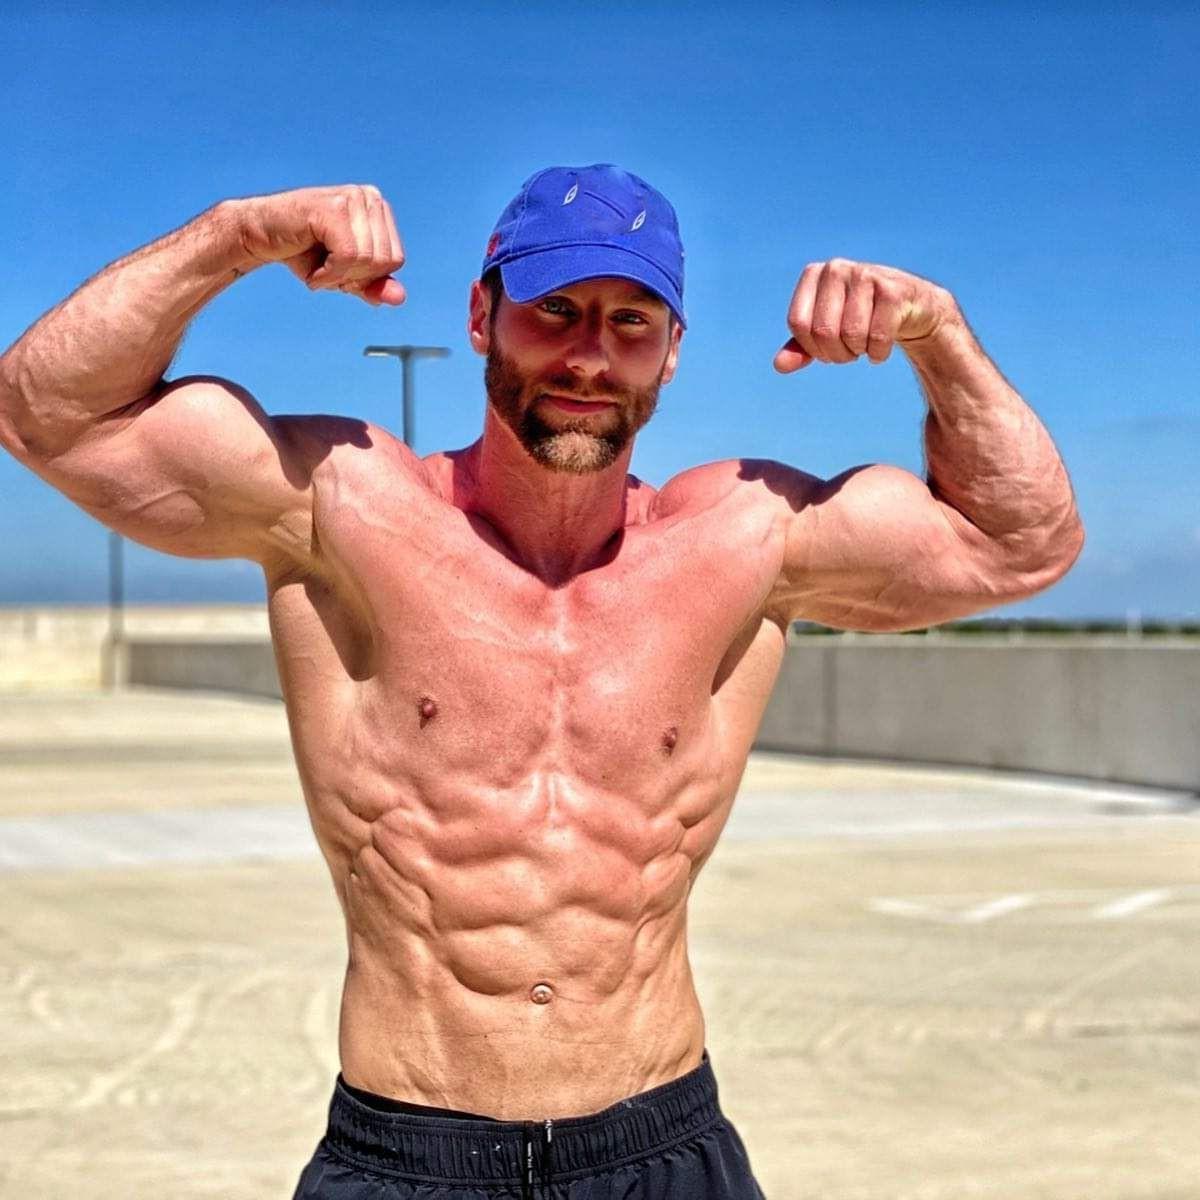 muscular-shirtless-man-abs-biceps-flex